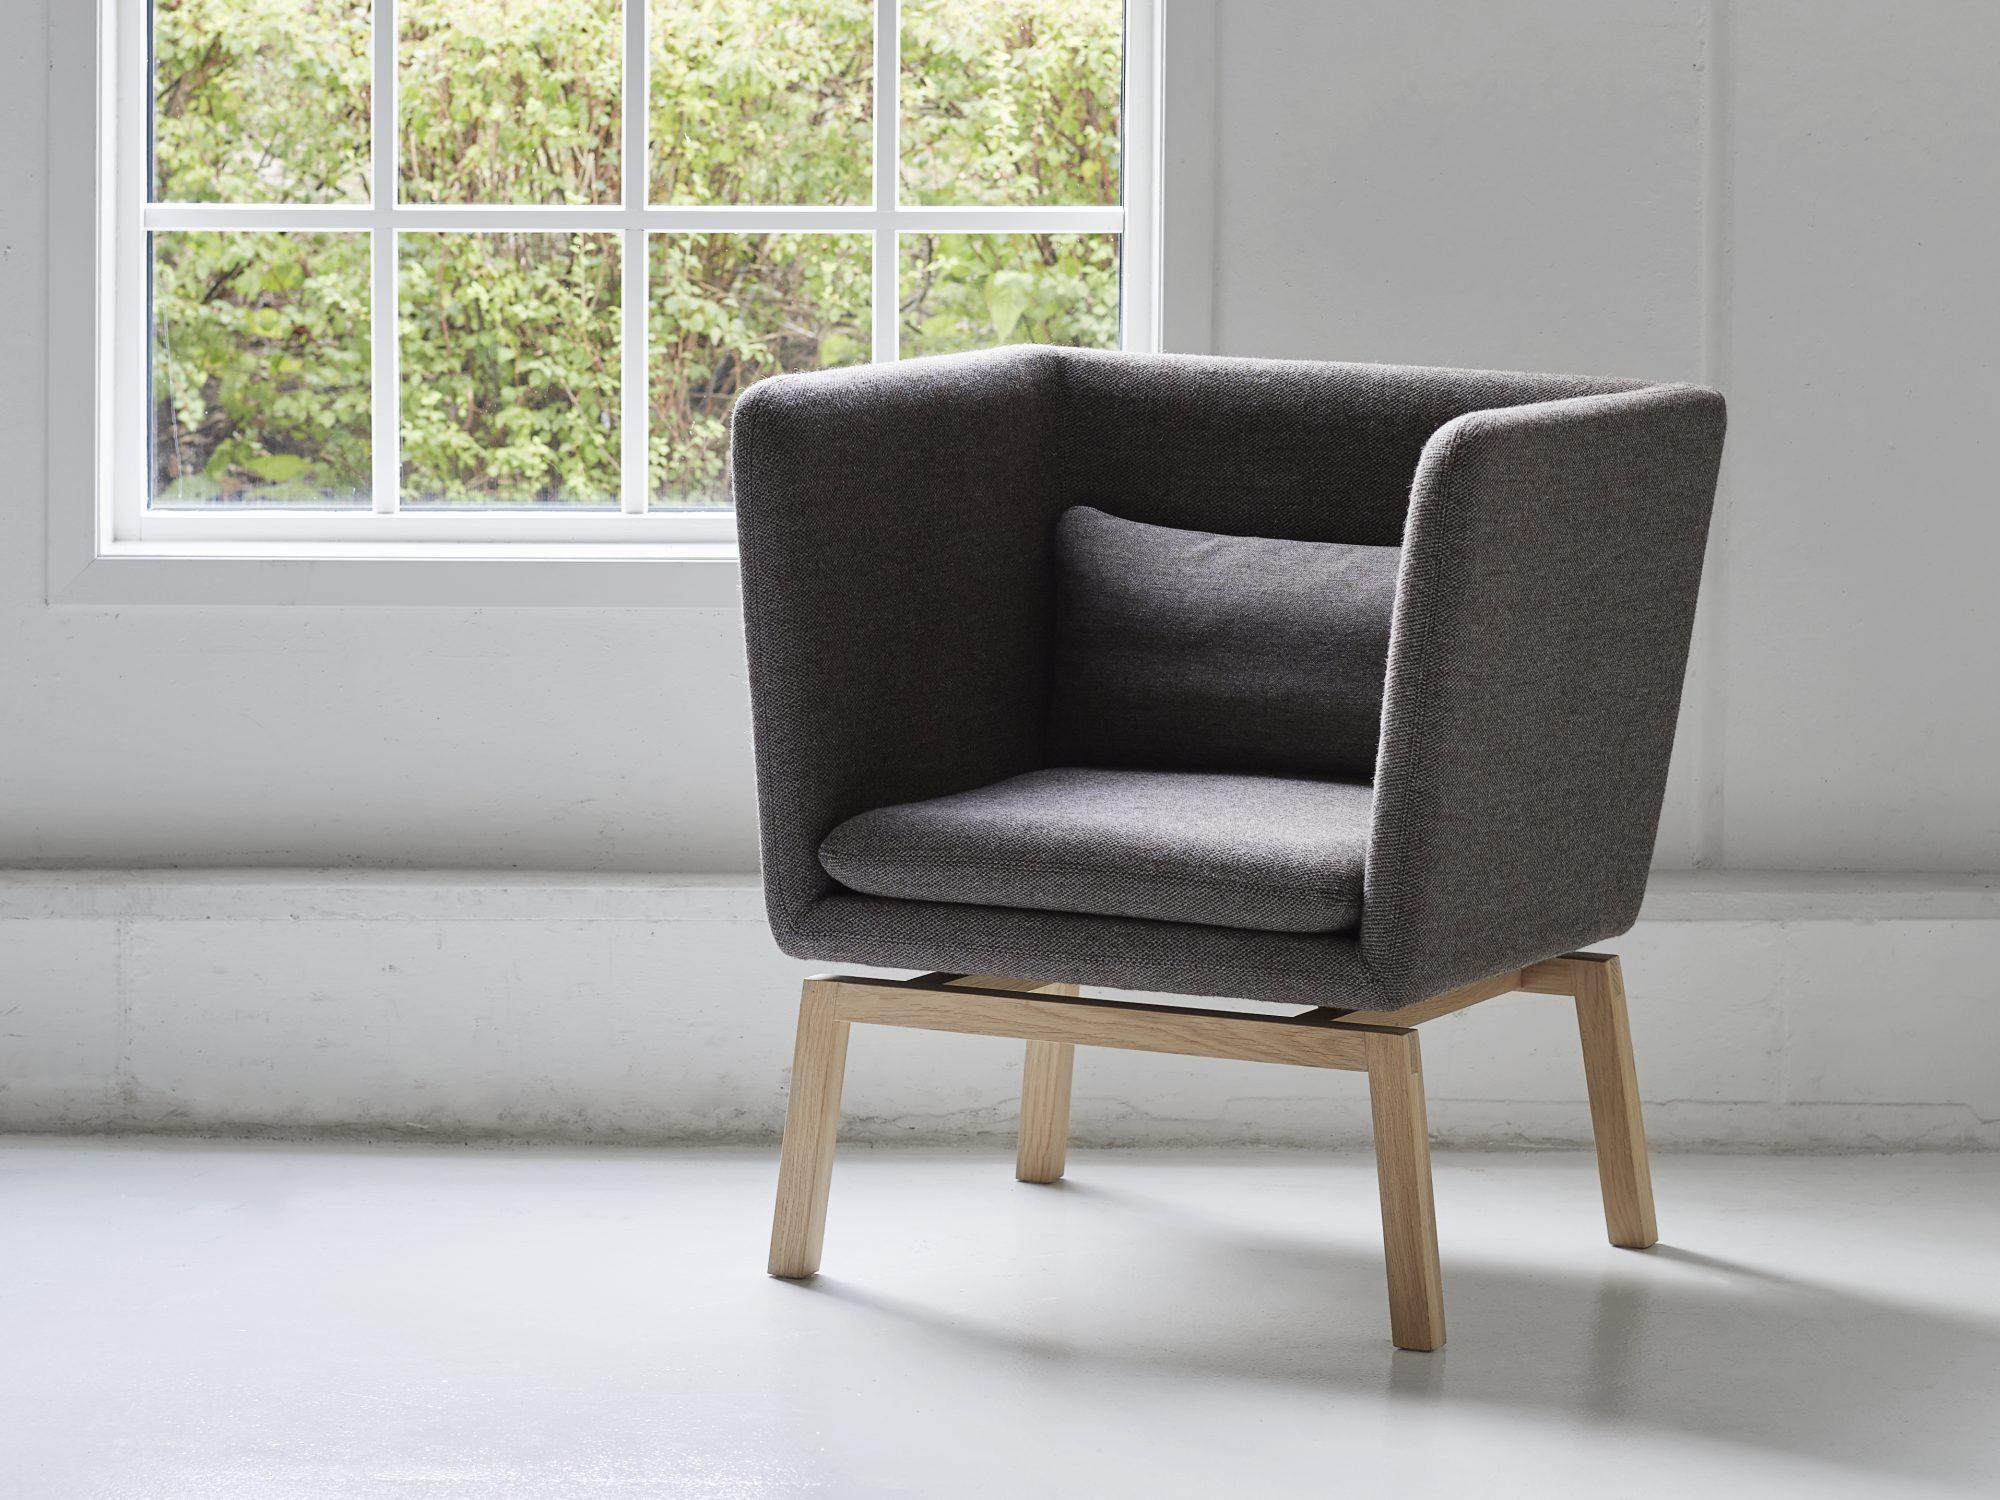 BOND lounge chair design by Lars Vejen for Mogens Hansen Furniture_1